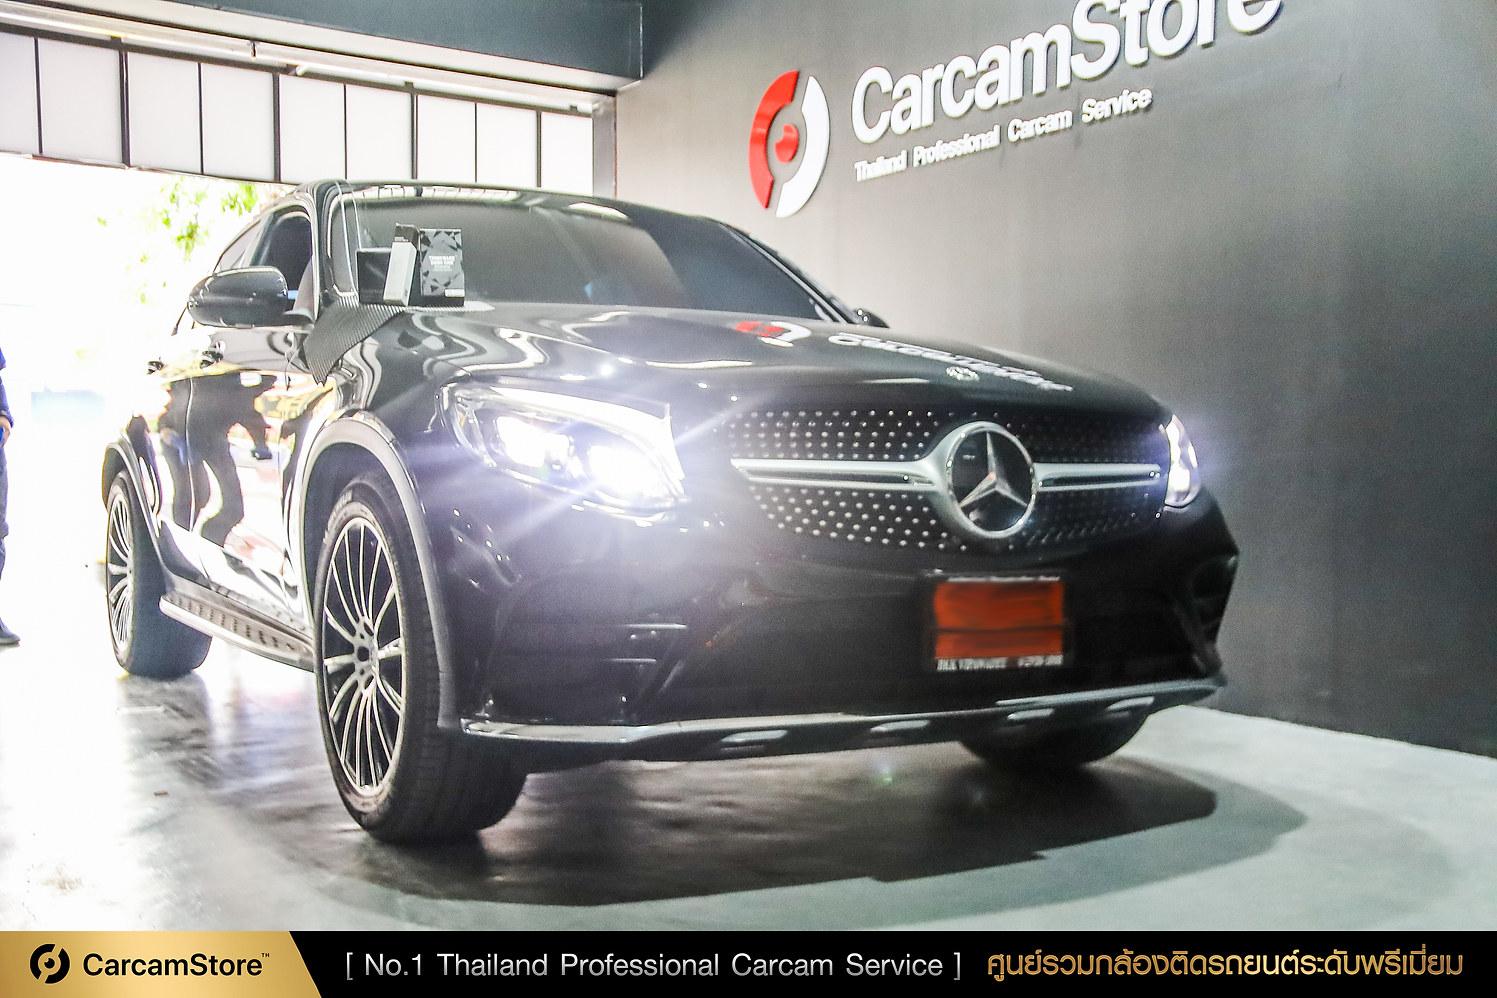 งานติดตั้งระดับมืออาชีพ Thinkware Q800 Pro กับรถ Benz GLC 250d